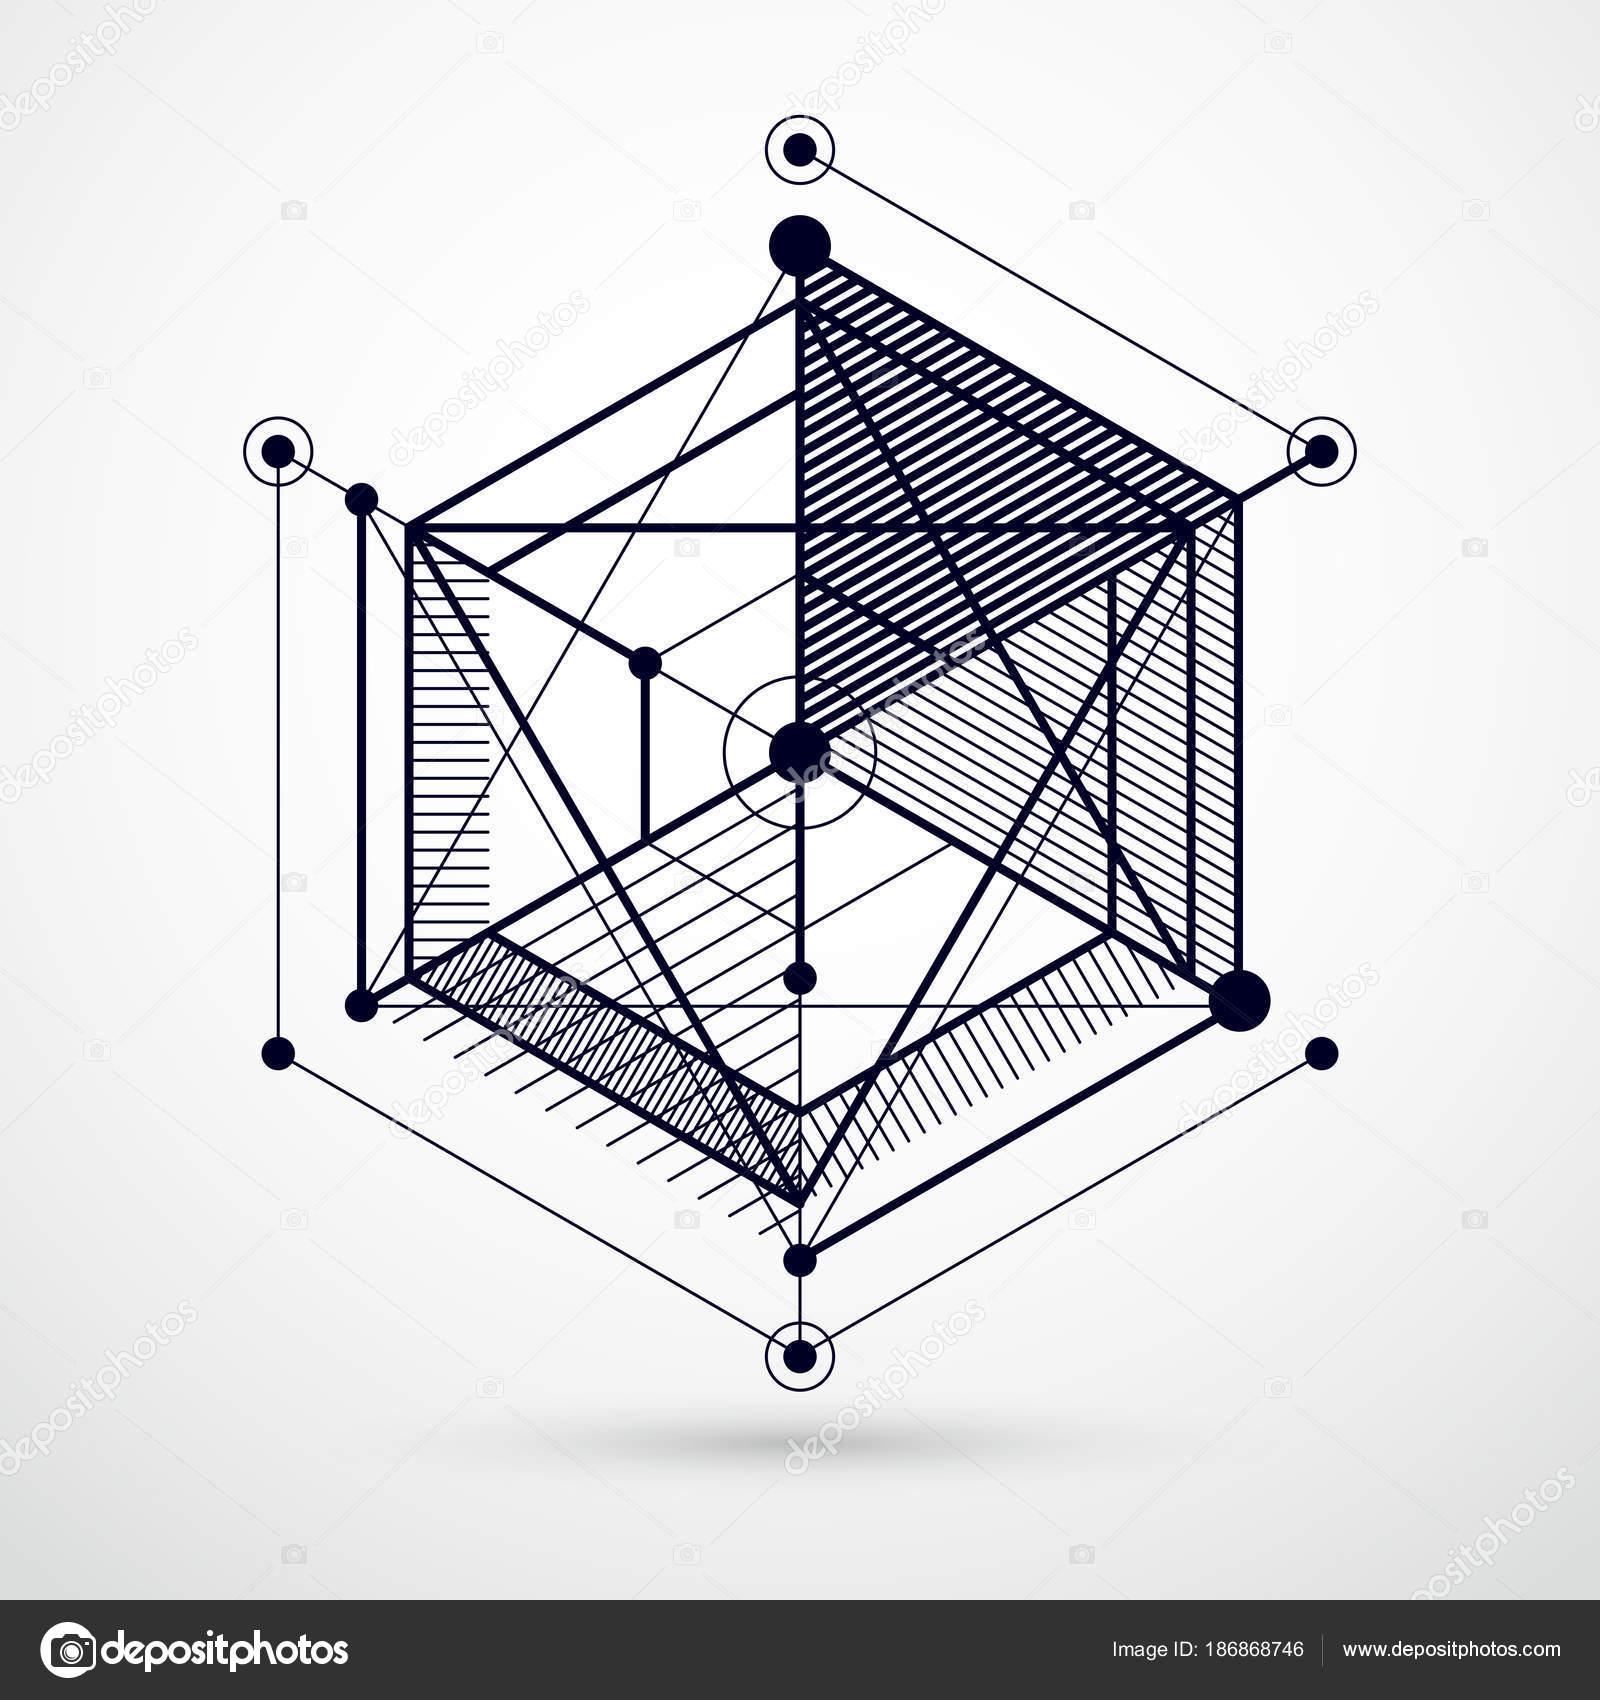 Dibujo Sistema Industrial Blanco Negro Creada Con Líneas Cubos ...